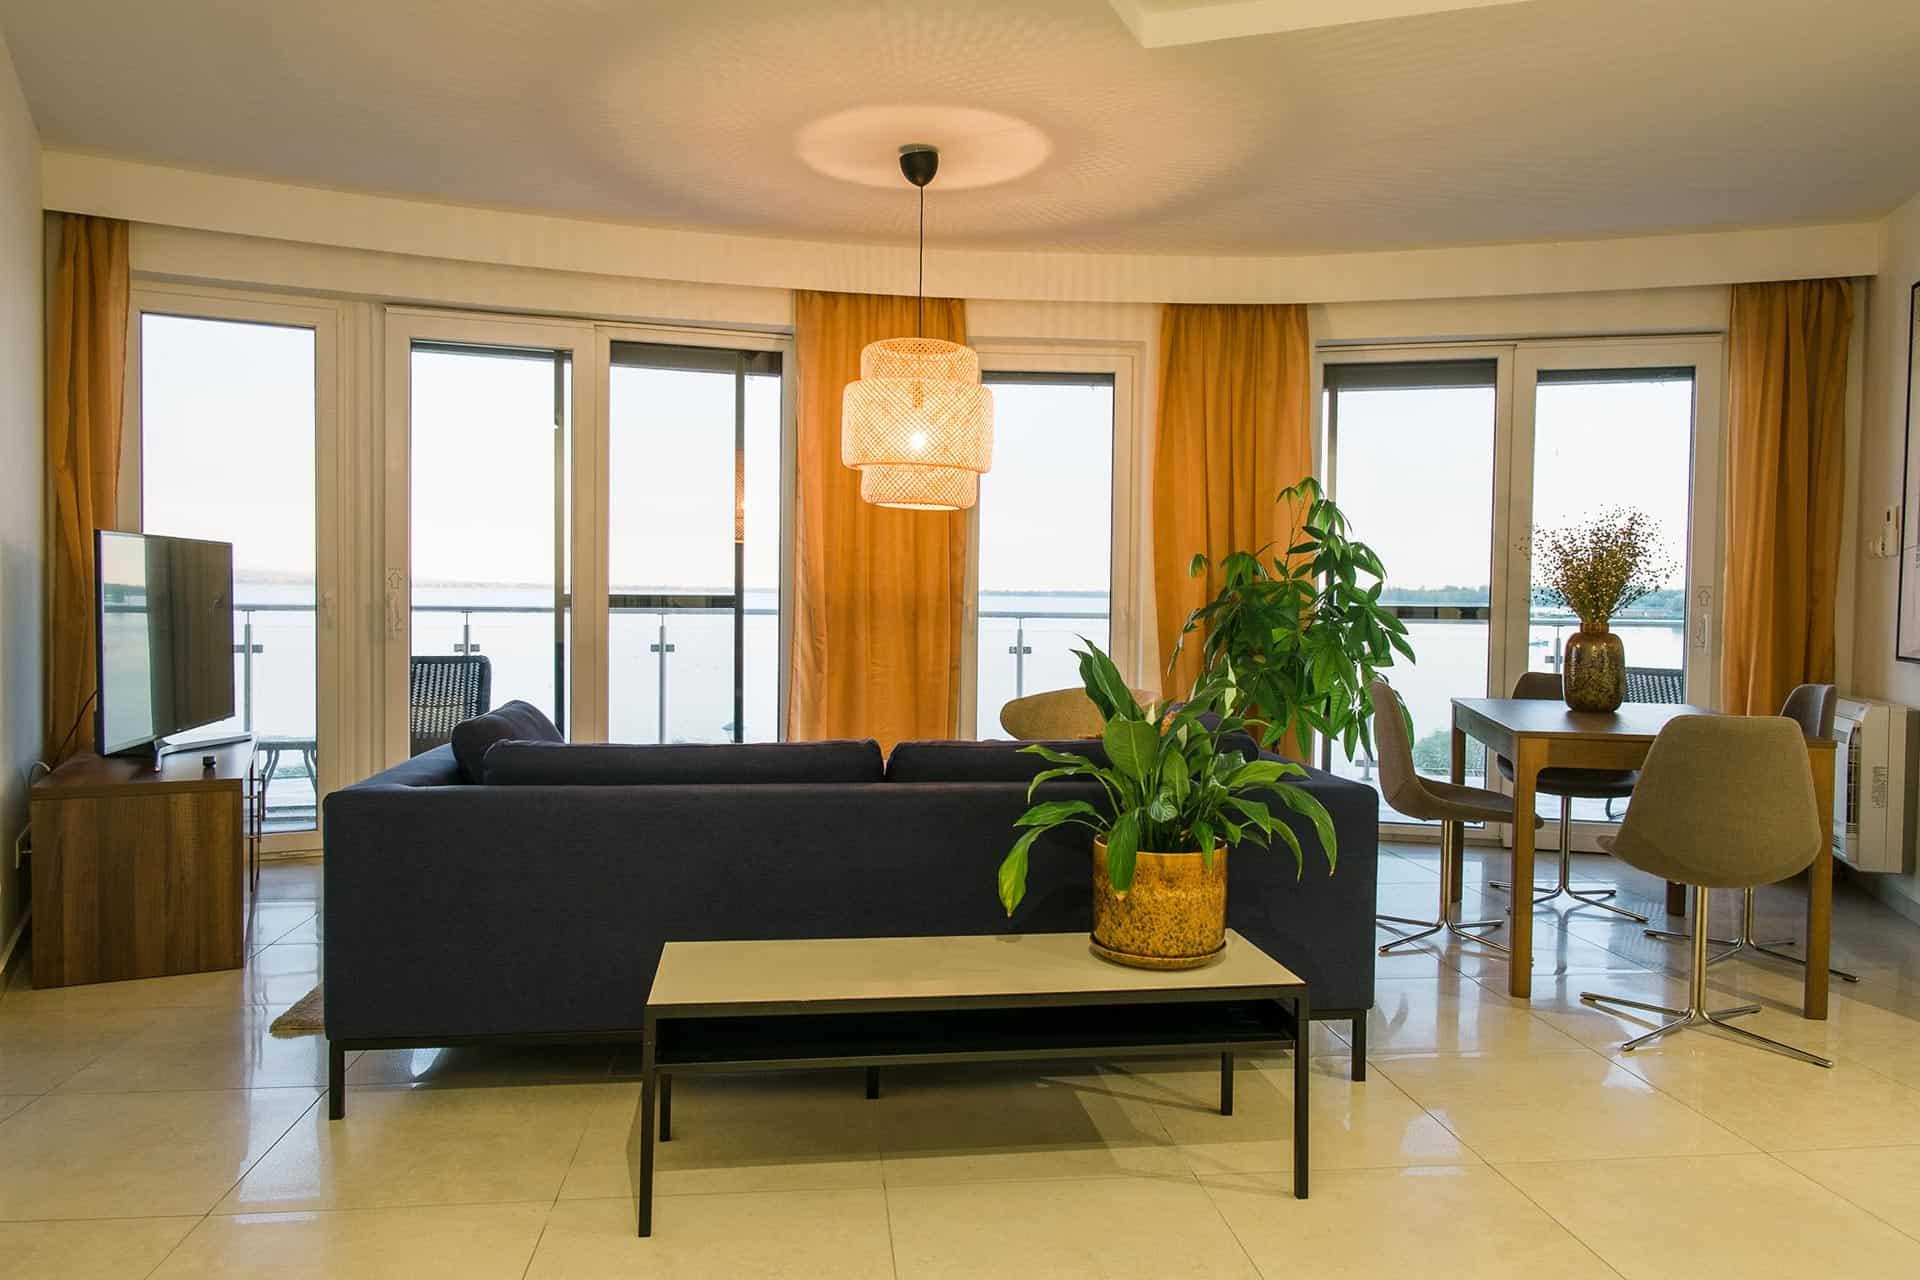 Balatoni panorámás vízparti Apartmanok Keszthely - nappali szoba.